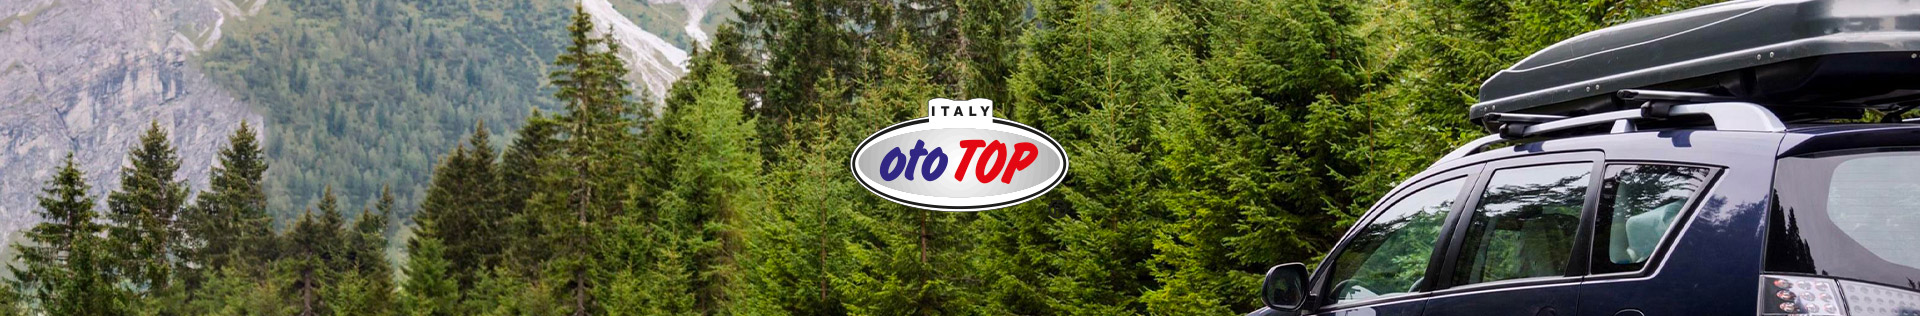 oto top banner